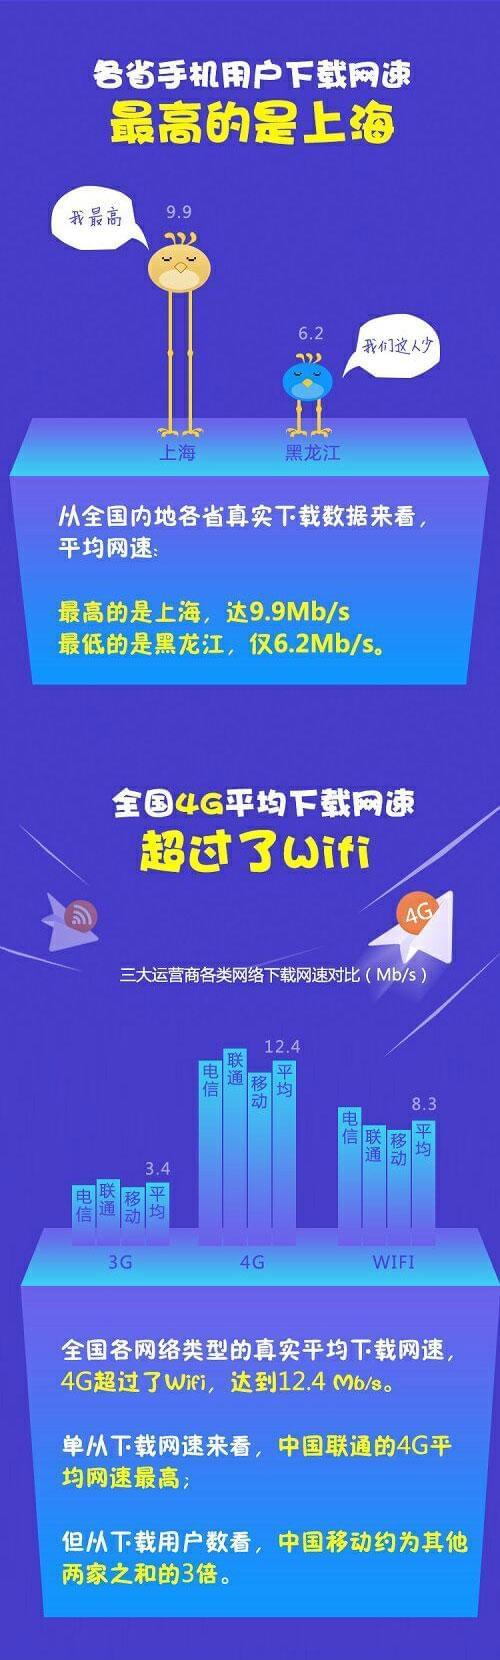 迅雷发布年中迅数榜:手机下载8Mb/s iPhone比安卓快50%的照片 - 3